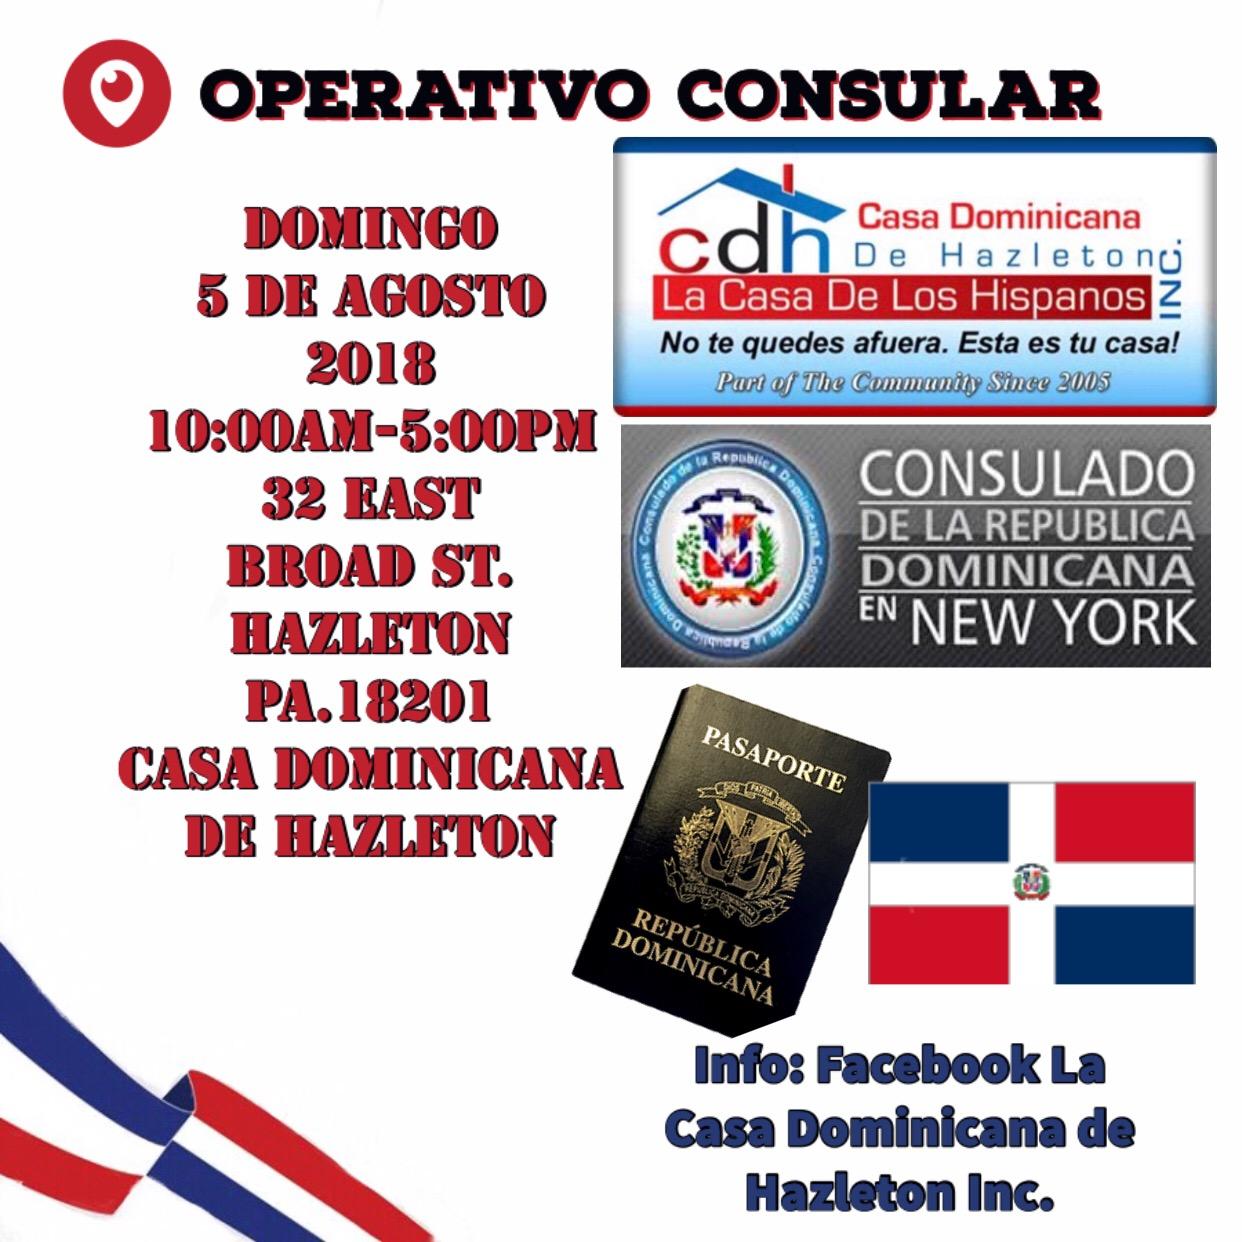 Que Se Necesita Para Renovar El Pasaporte Dominicano En New York